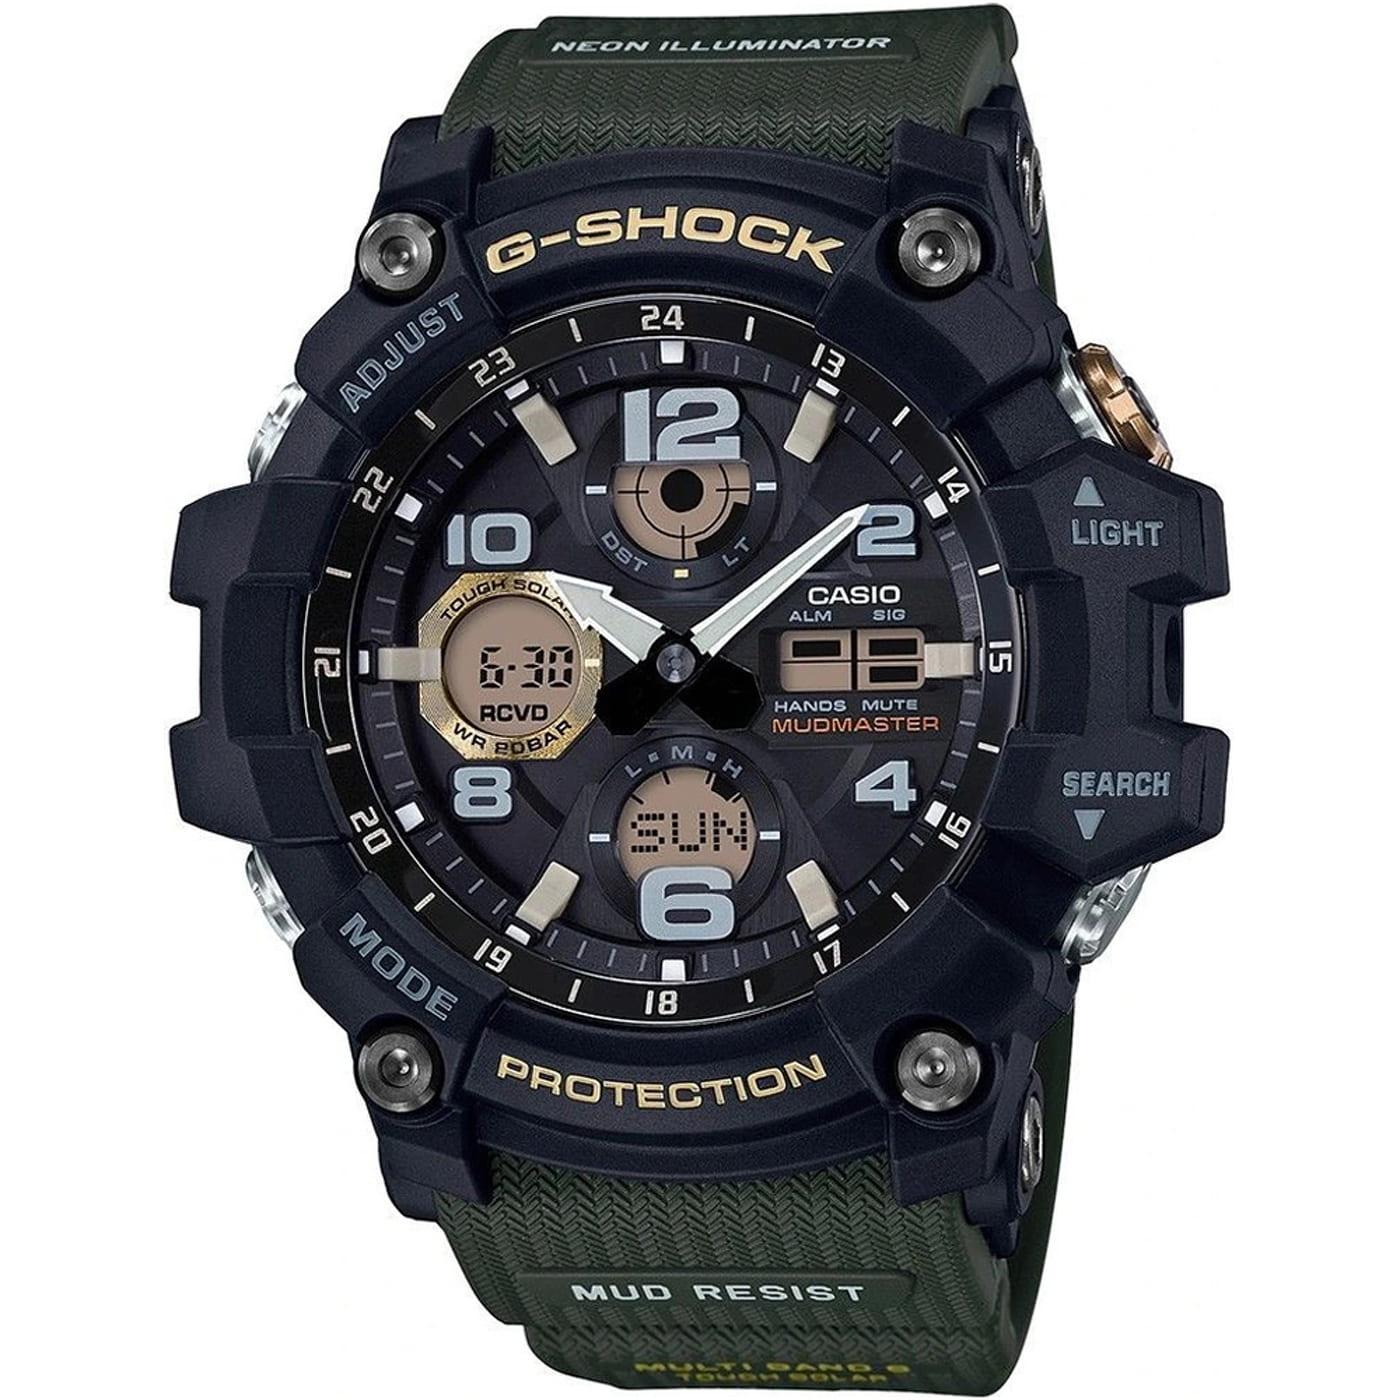 Casio G-Shock GWG 100-1A3ER black / olive